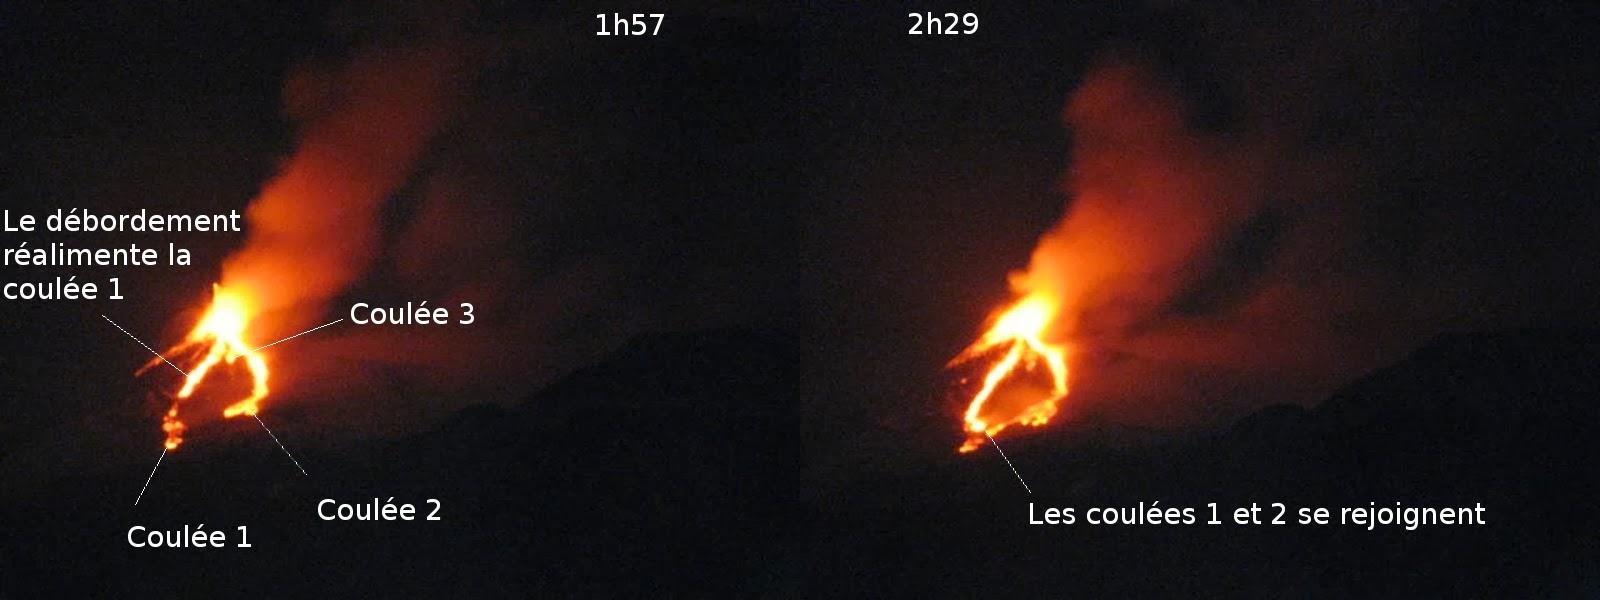 Coulées du 21eme paroxysme du volcan Etna, étape 3